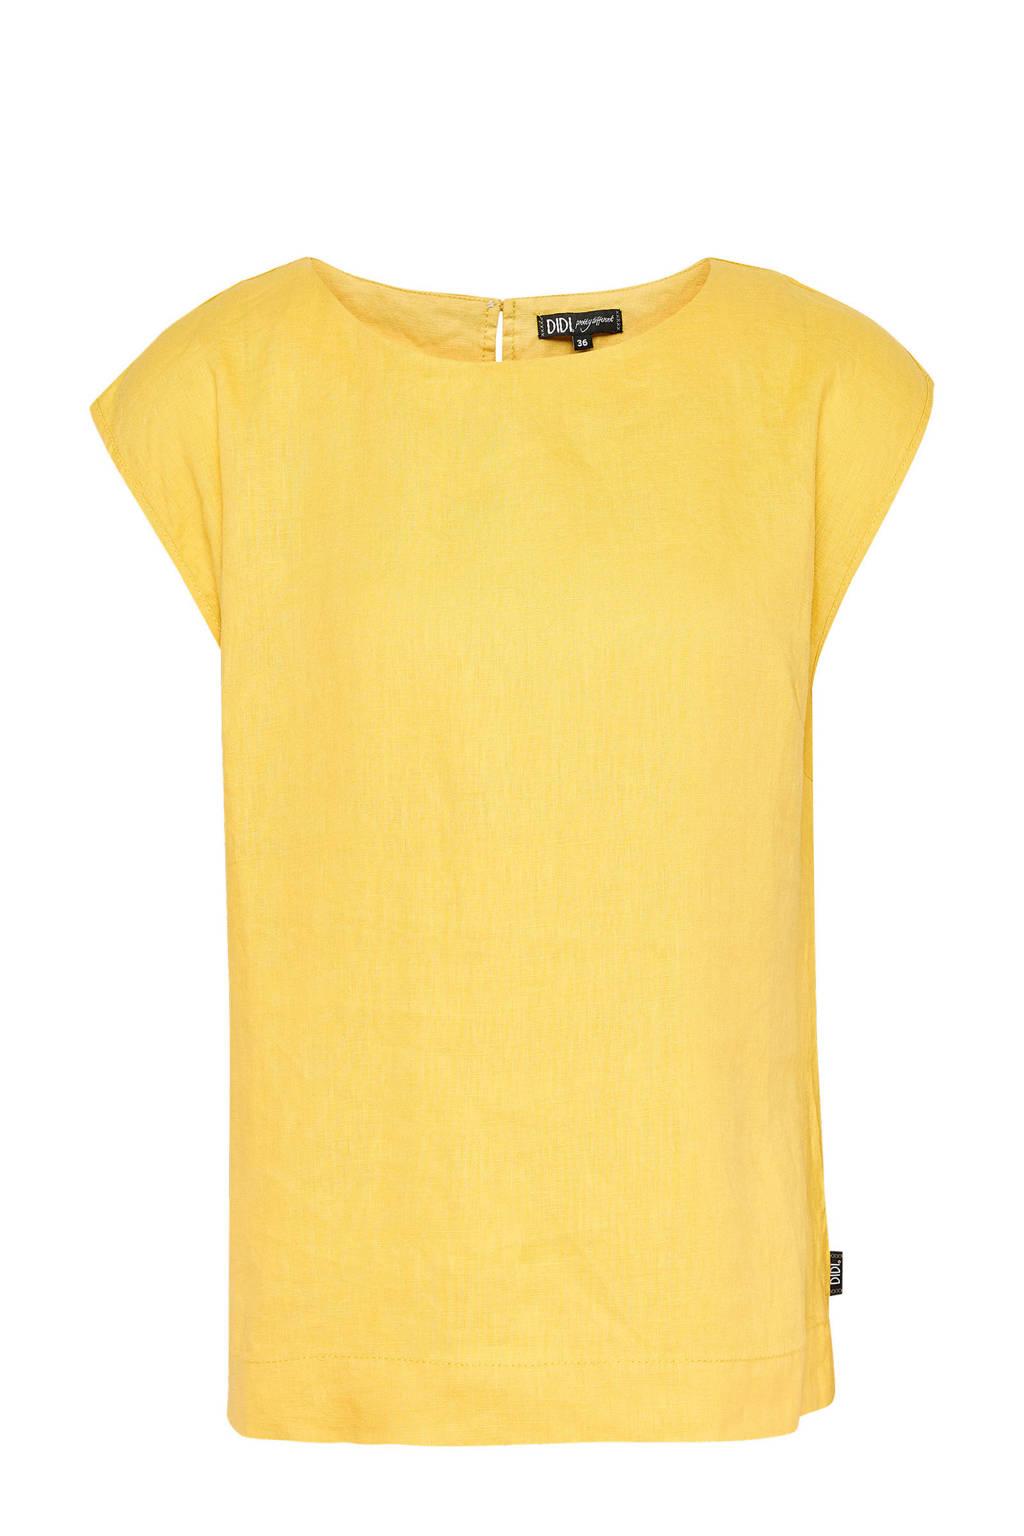 Didi top geel, Geel